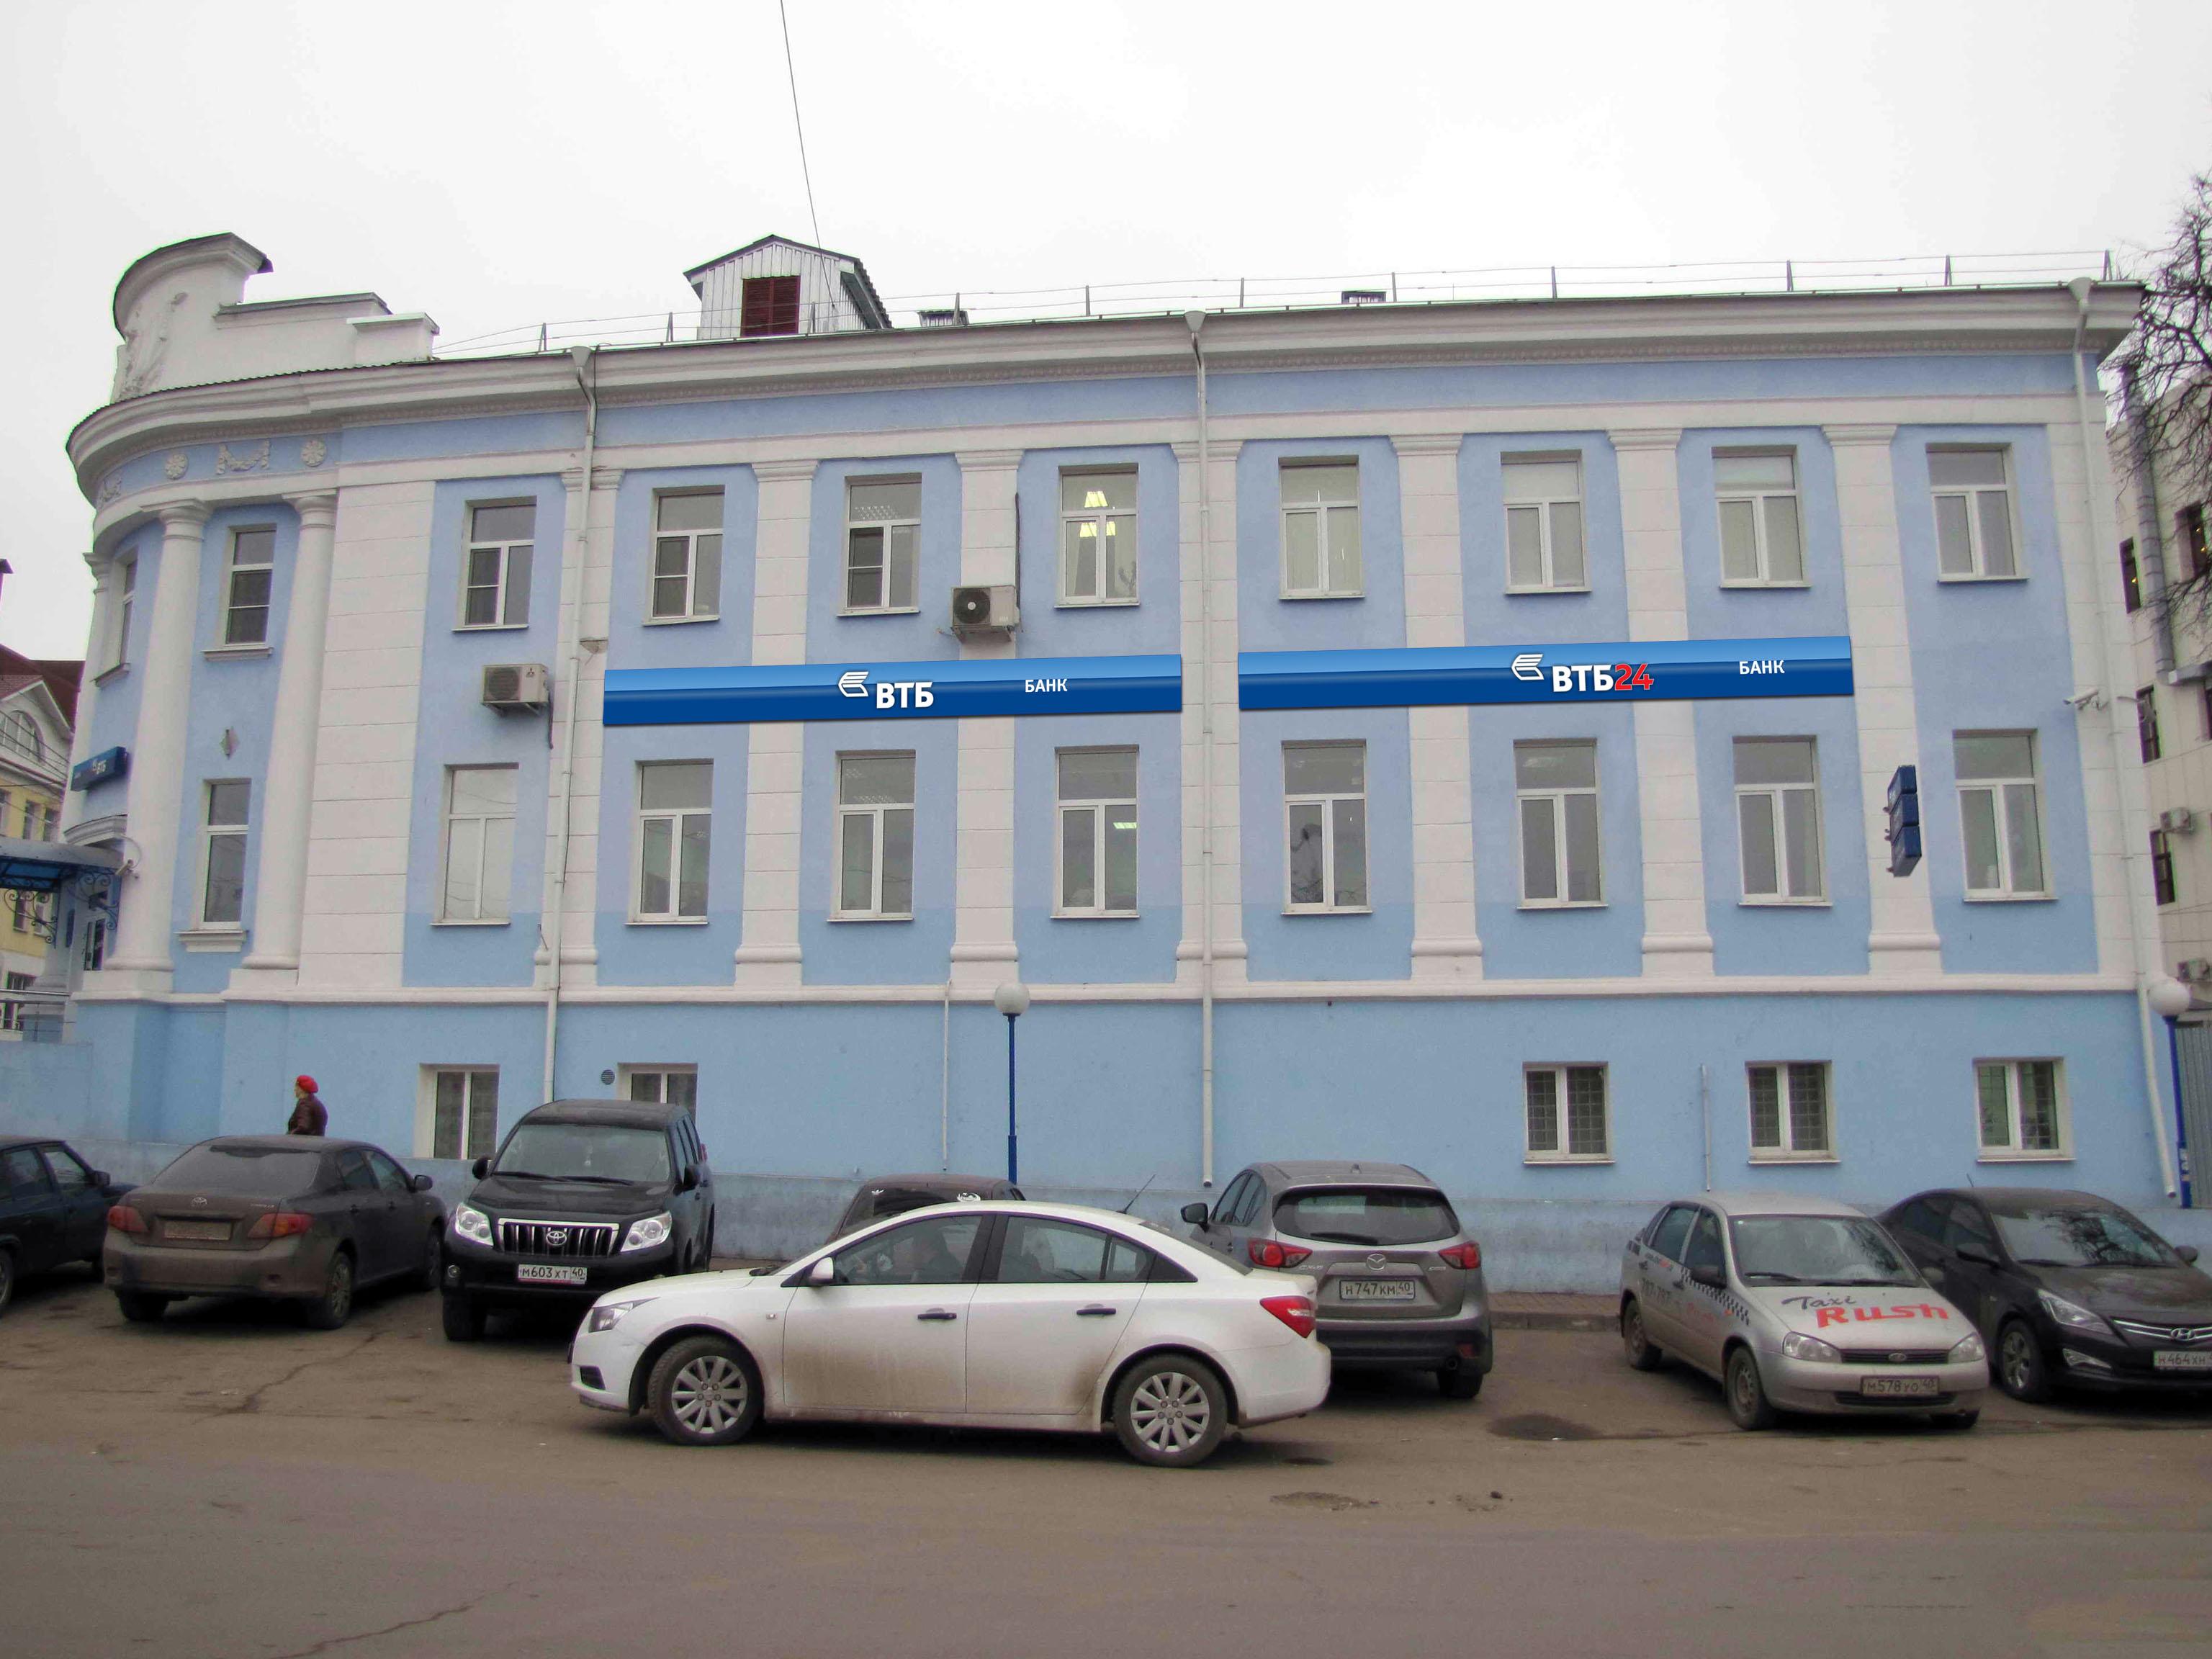 Макет наружного оформления офиса «ВТБ» в г. Калуга